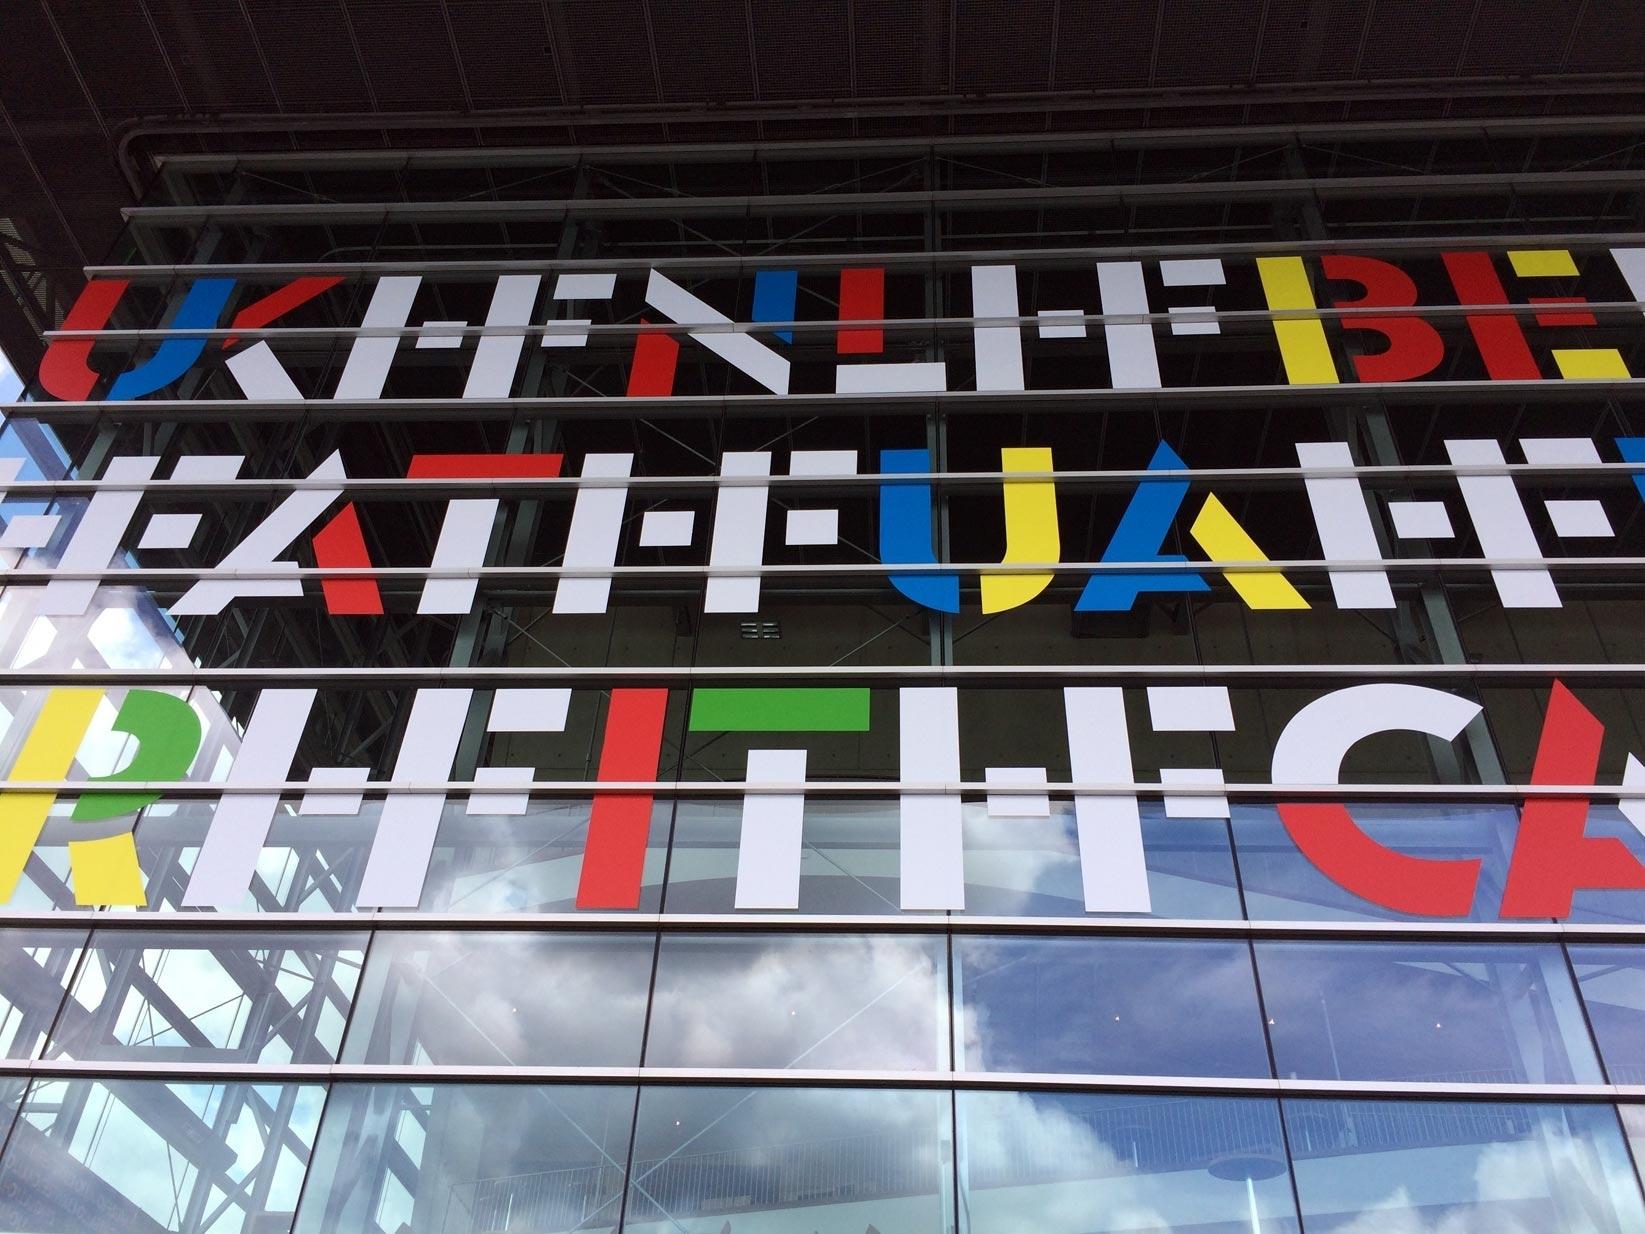 holland festival close-up shot of building façade